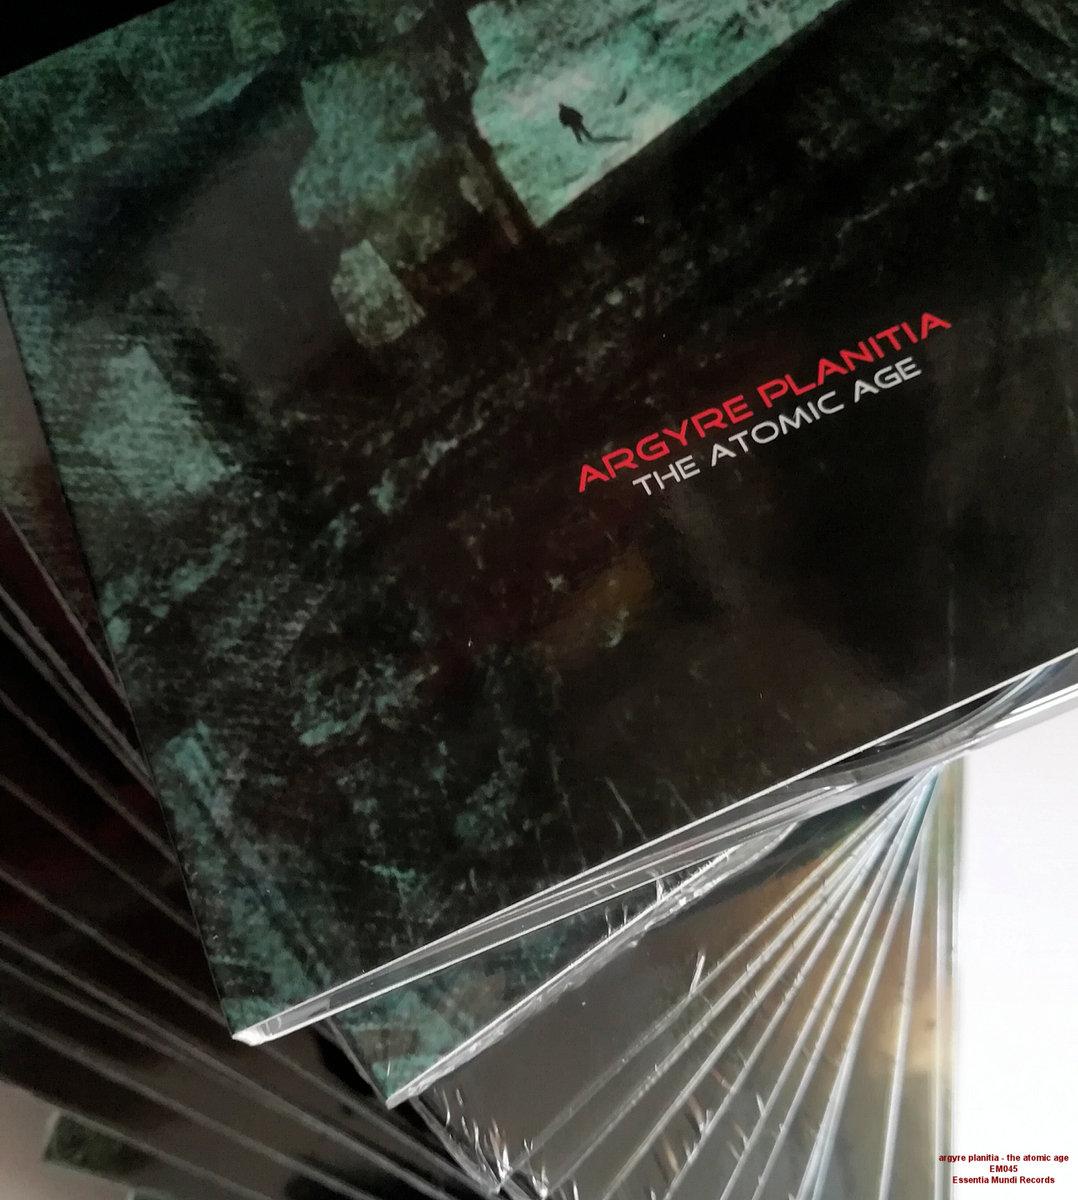 The Atomic Age [EM045] | Essentia Mundi Records